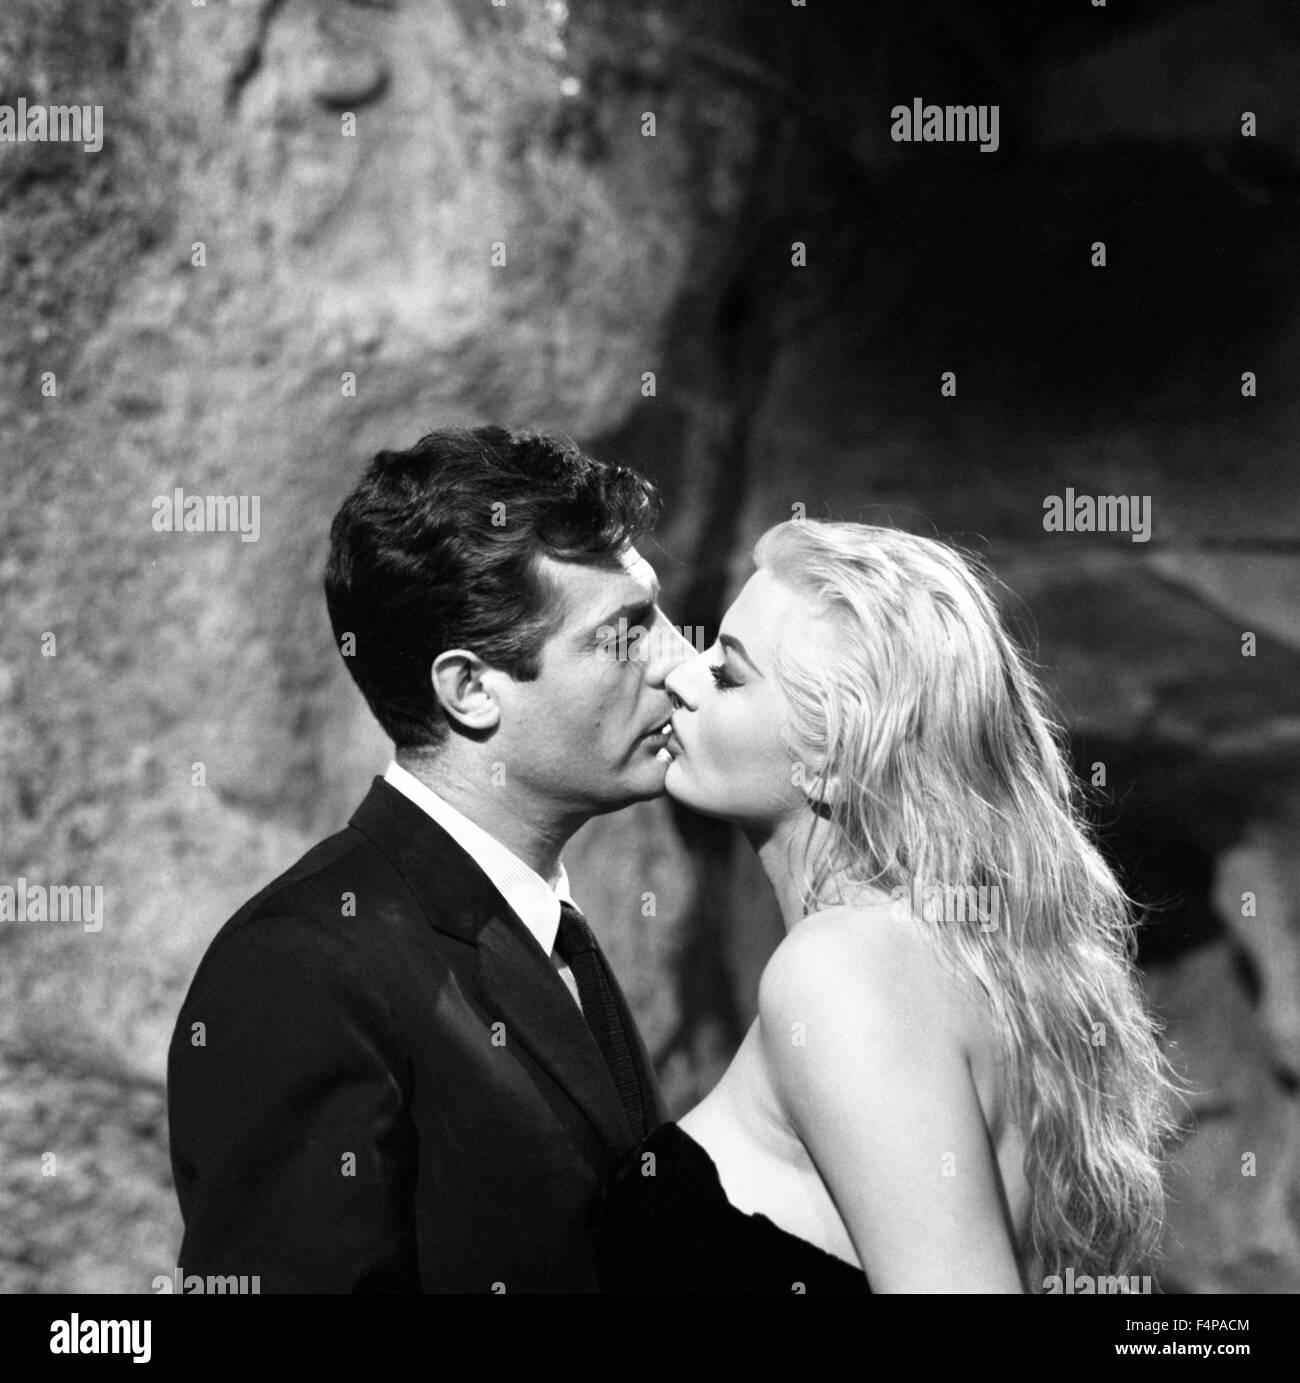 Marcello Mastroianni, Anita Ekberg / La Dolce Vita 1960 directed by Federico Fellini - Stock Image